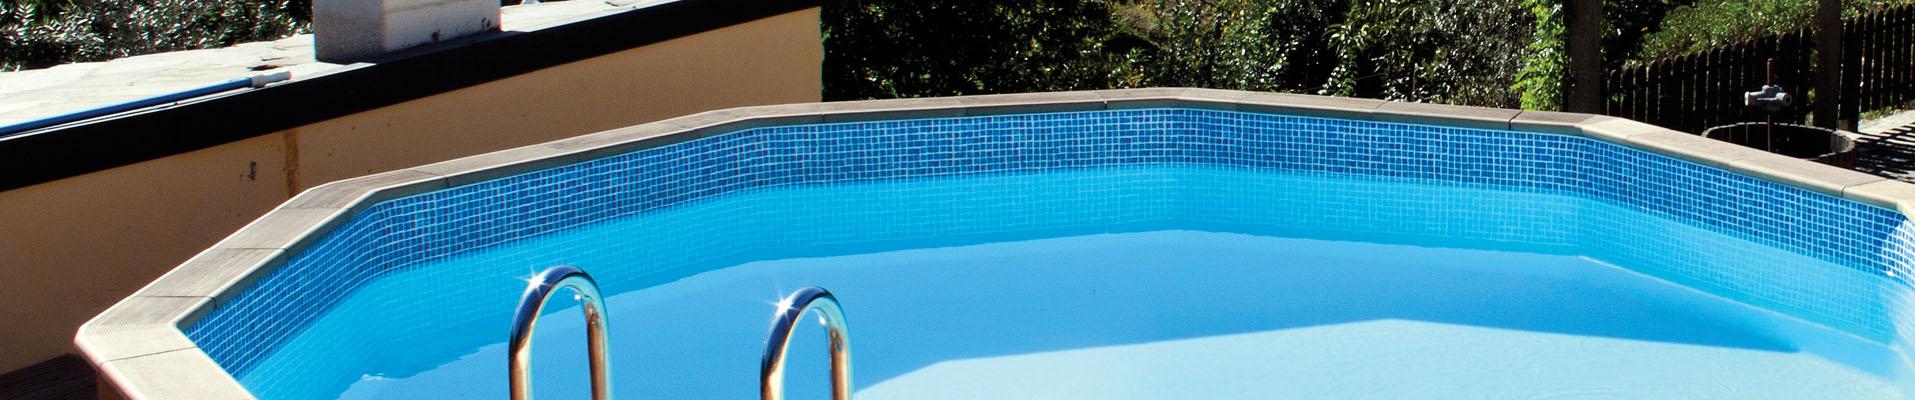 piscina_naturalis_bn_01